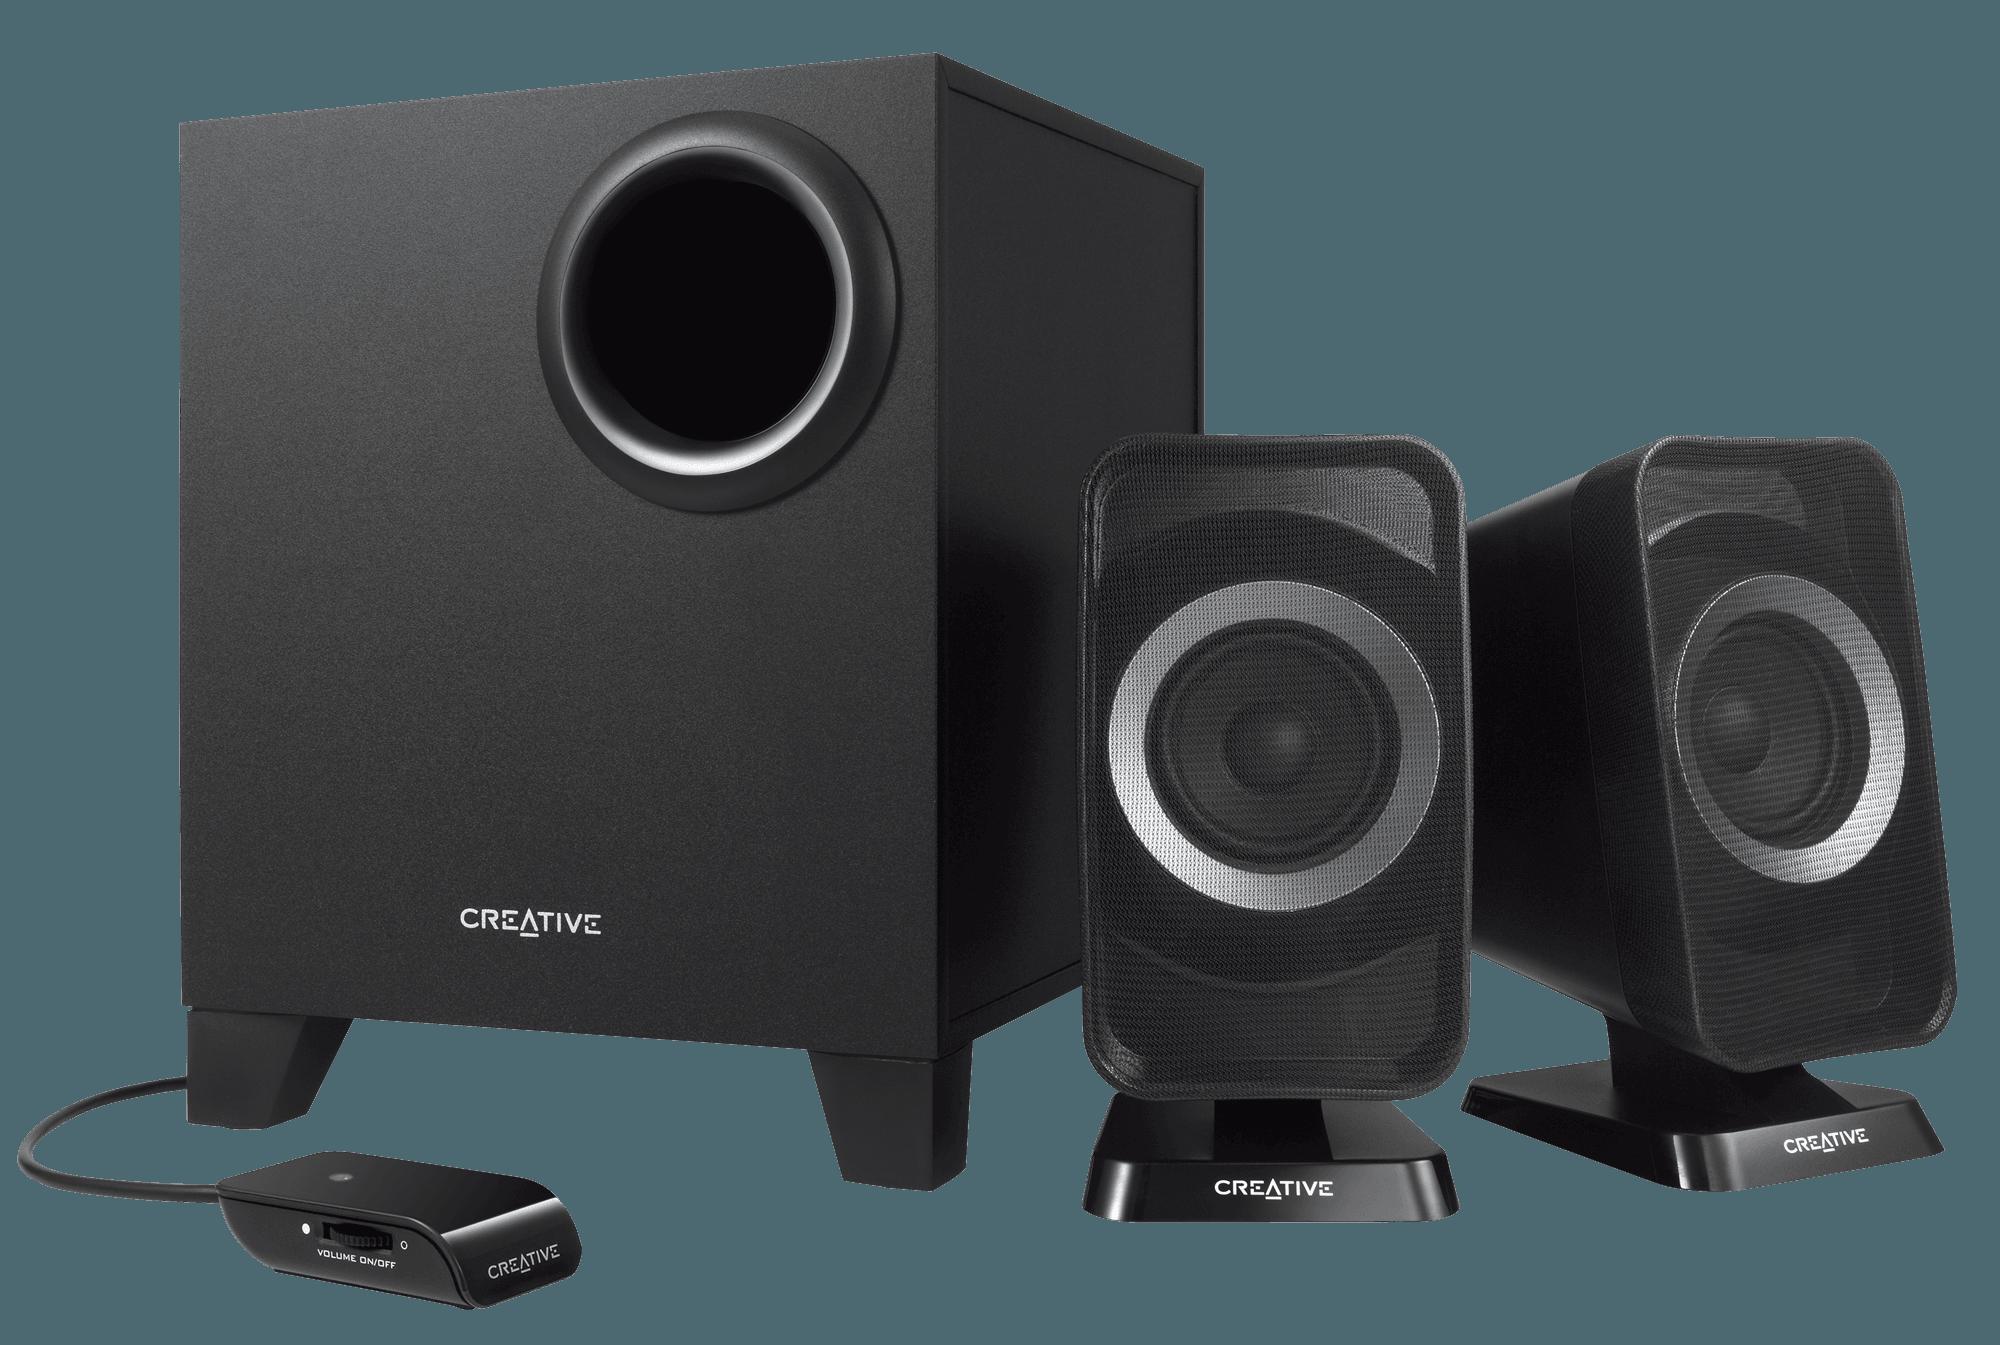 Creative T3150: bezprzewodowe głośniki dla urządzeń mobilnych 27